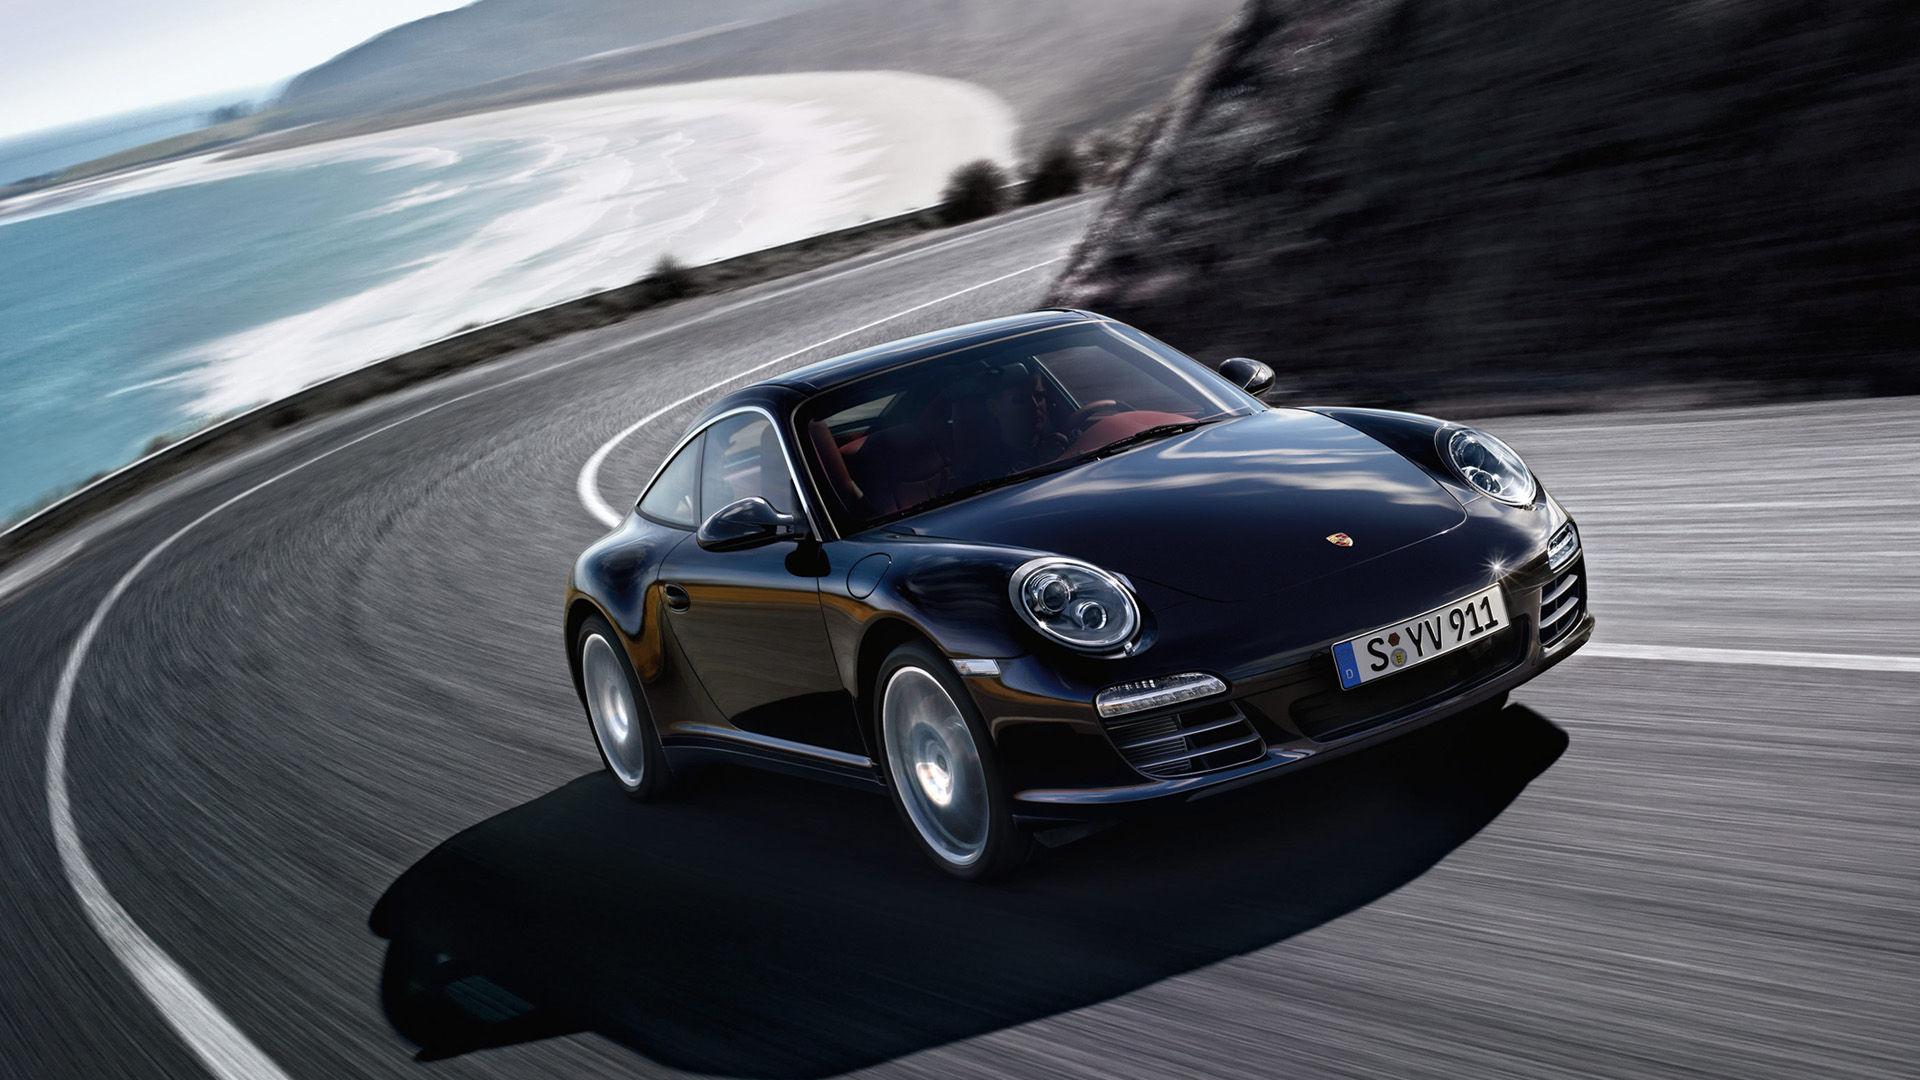 2011 Porsche 911 Targa 4S